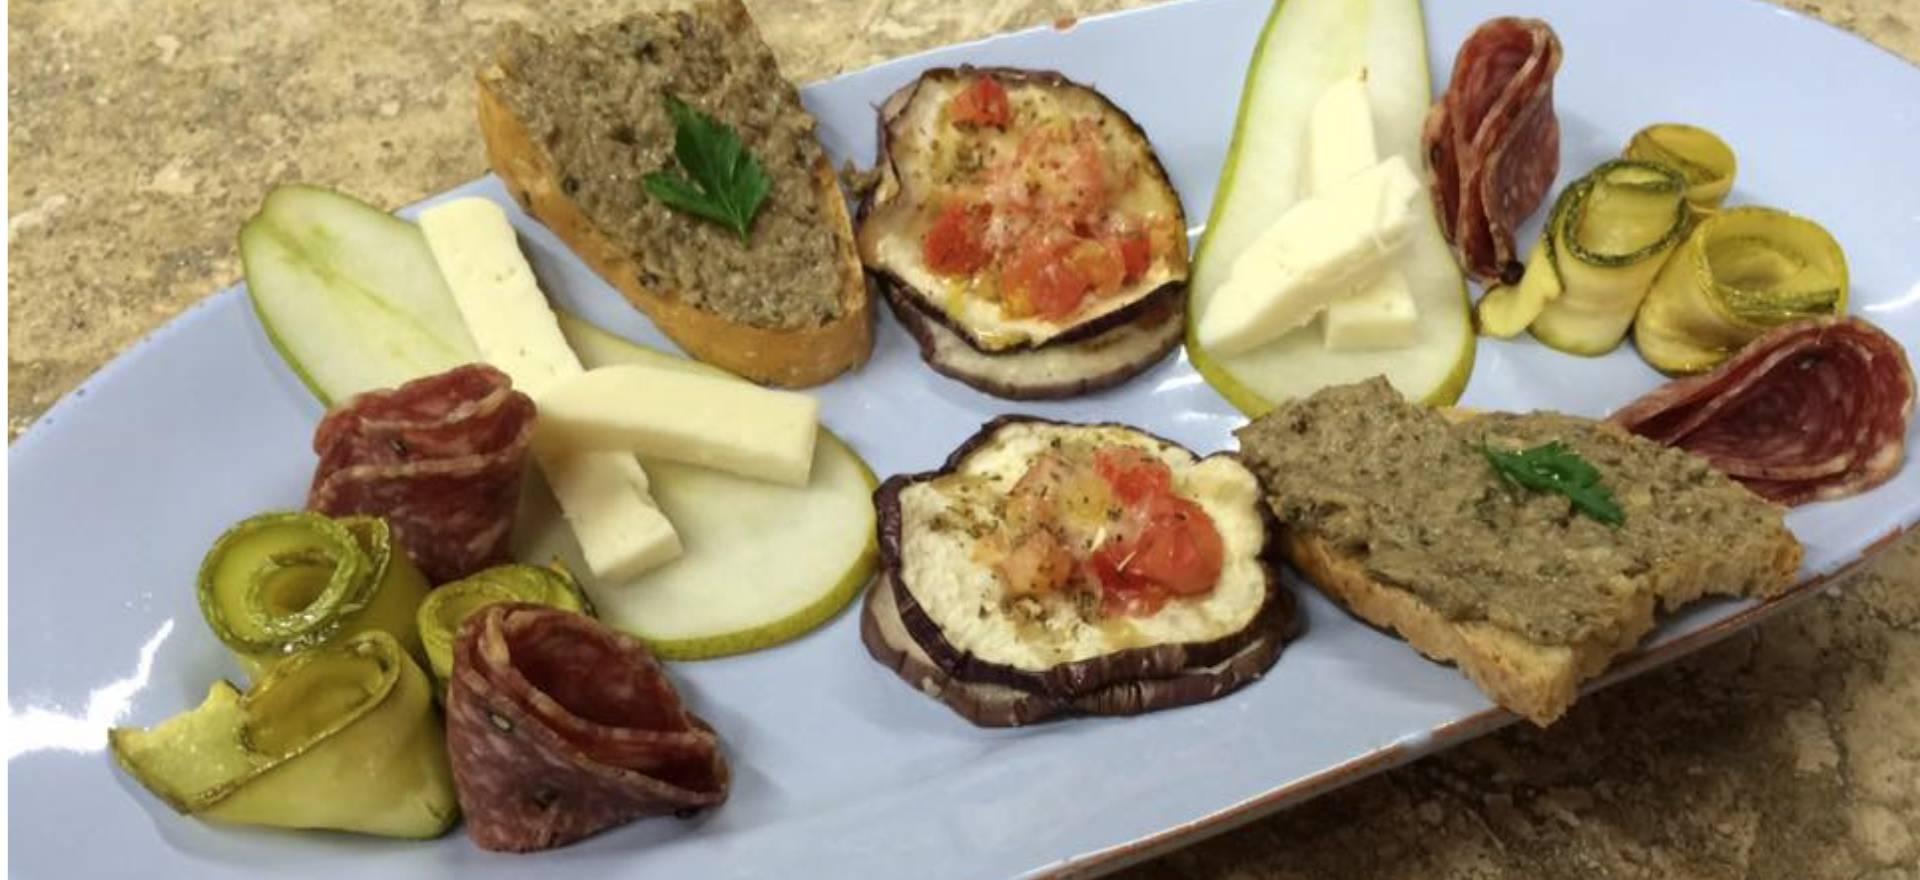 Culinaire agriturismo in het hart van Toscane